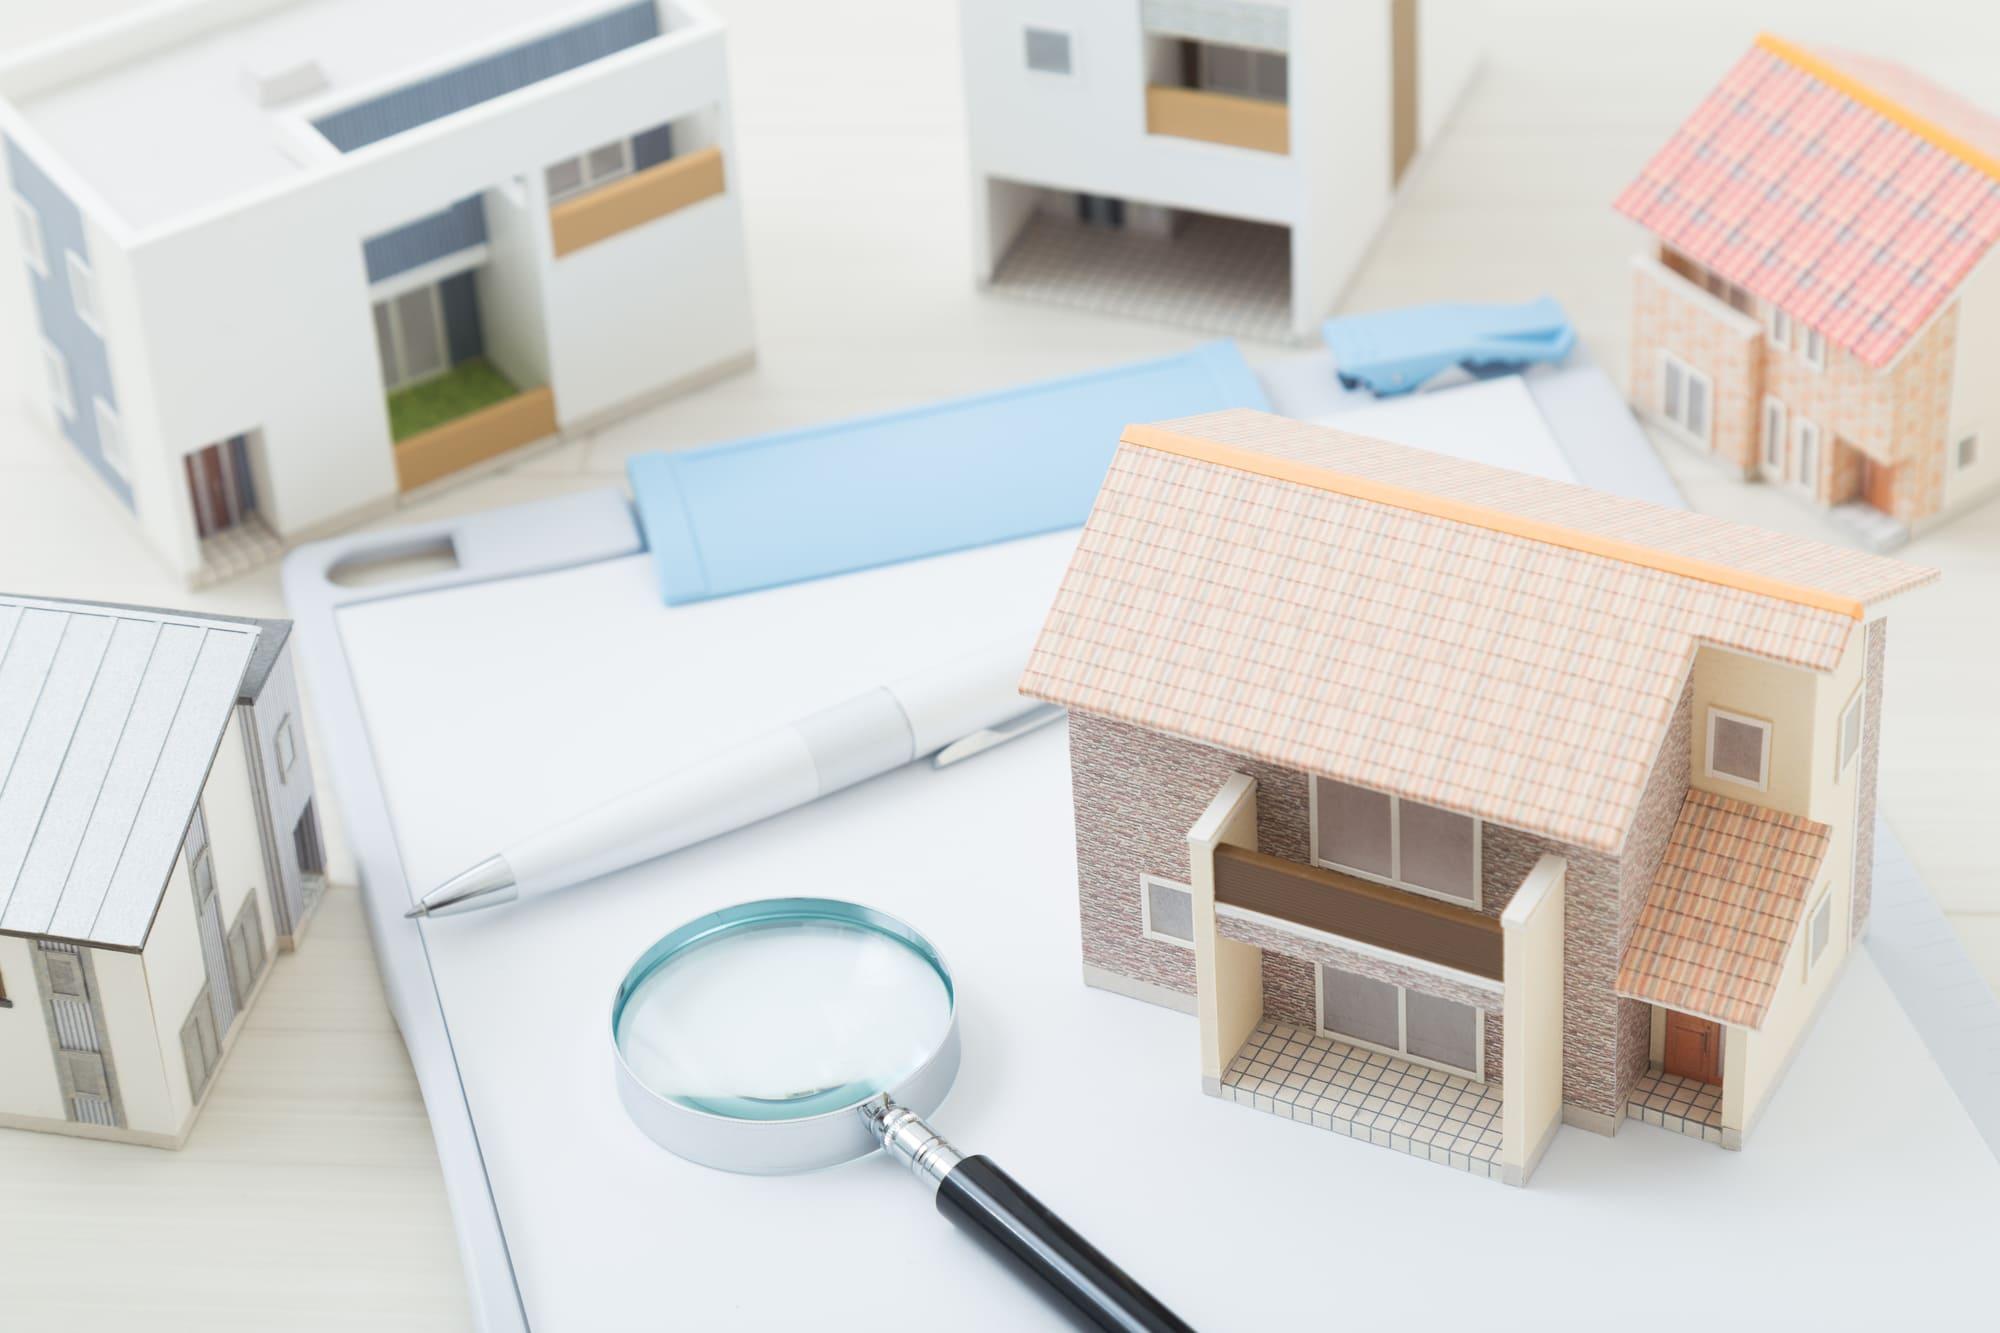 転職すると住宅ローンが組めなくなる?転職後に申し込む際の注意点